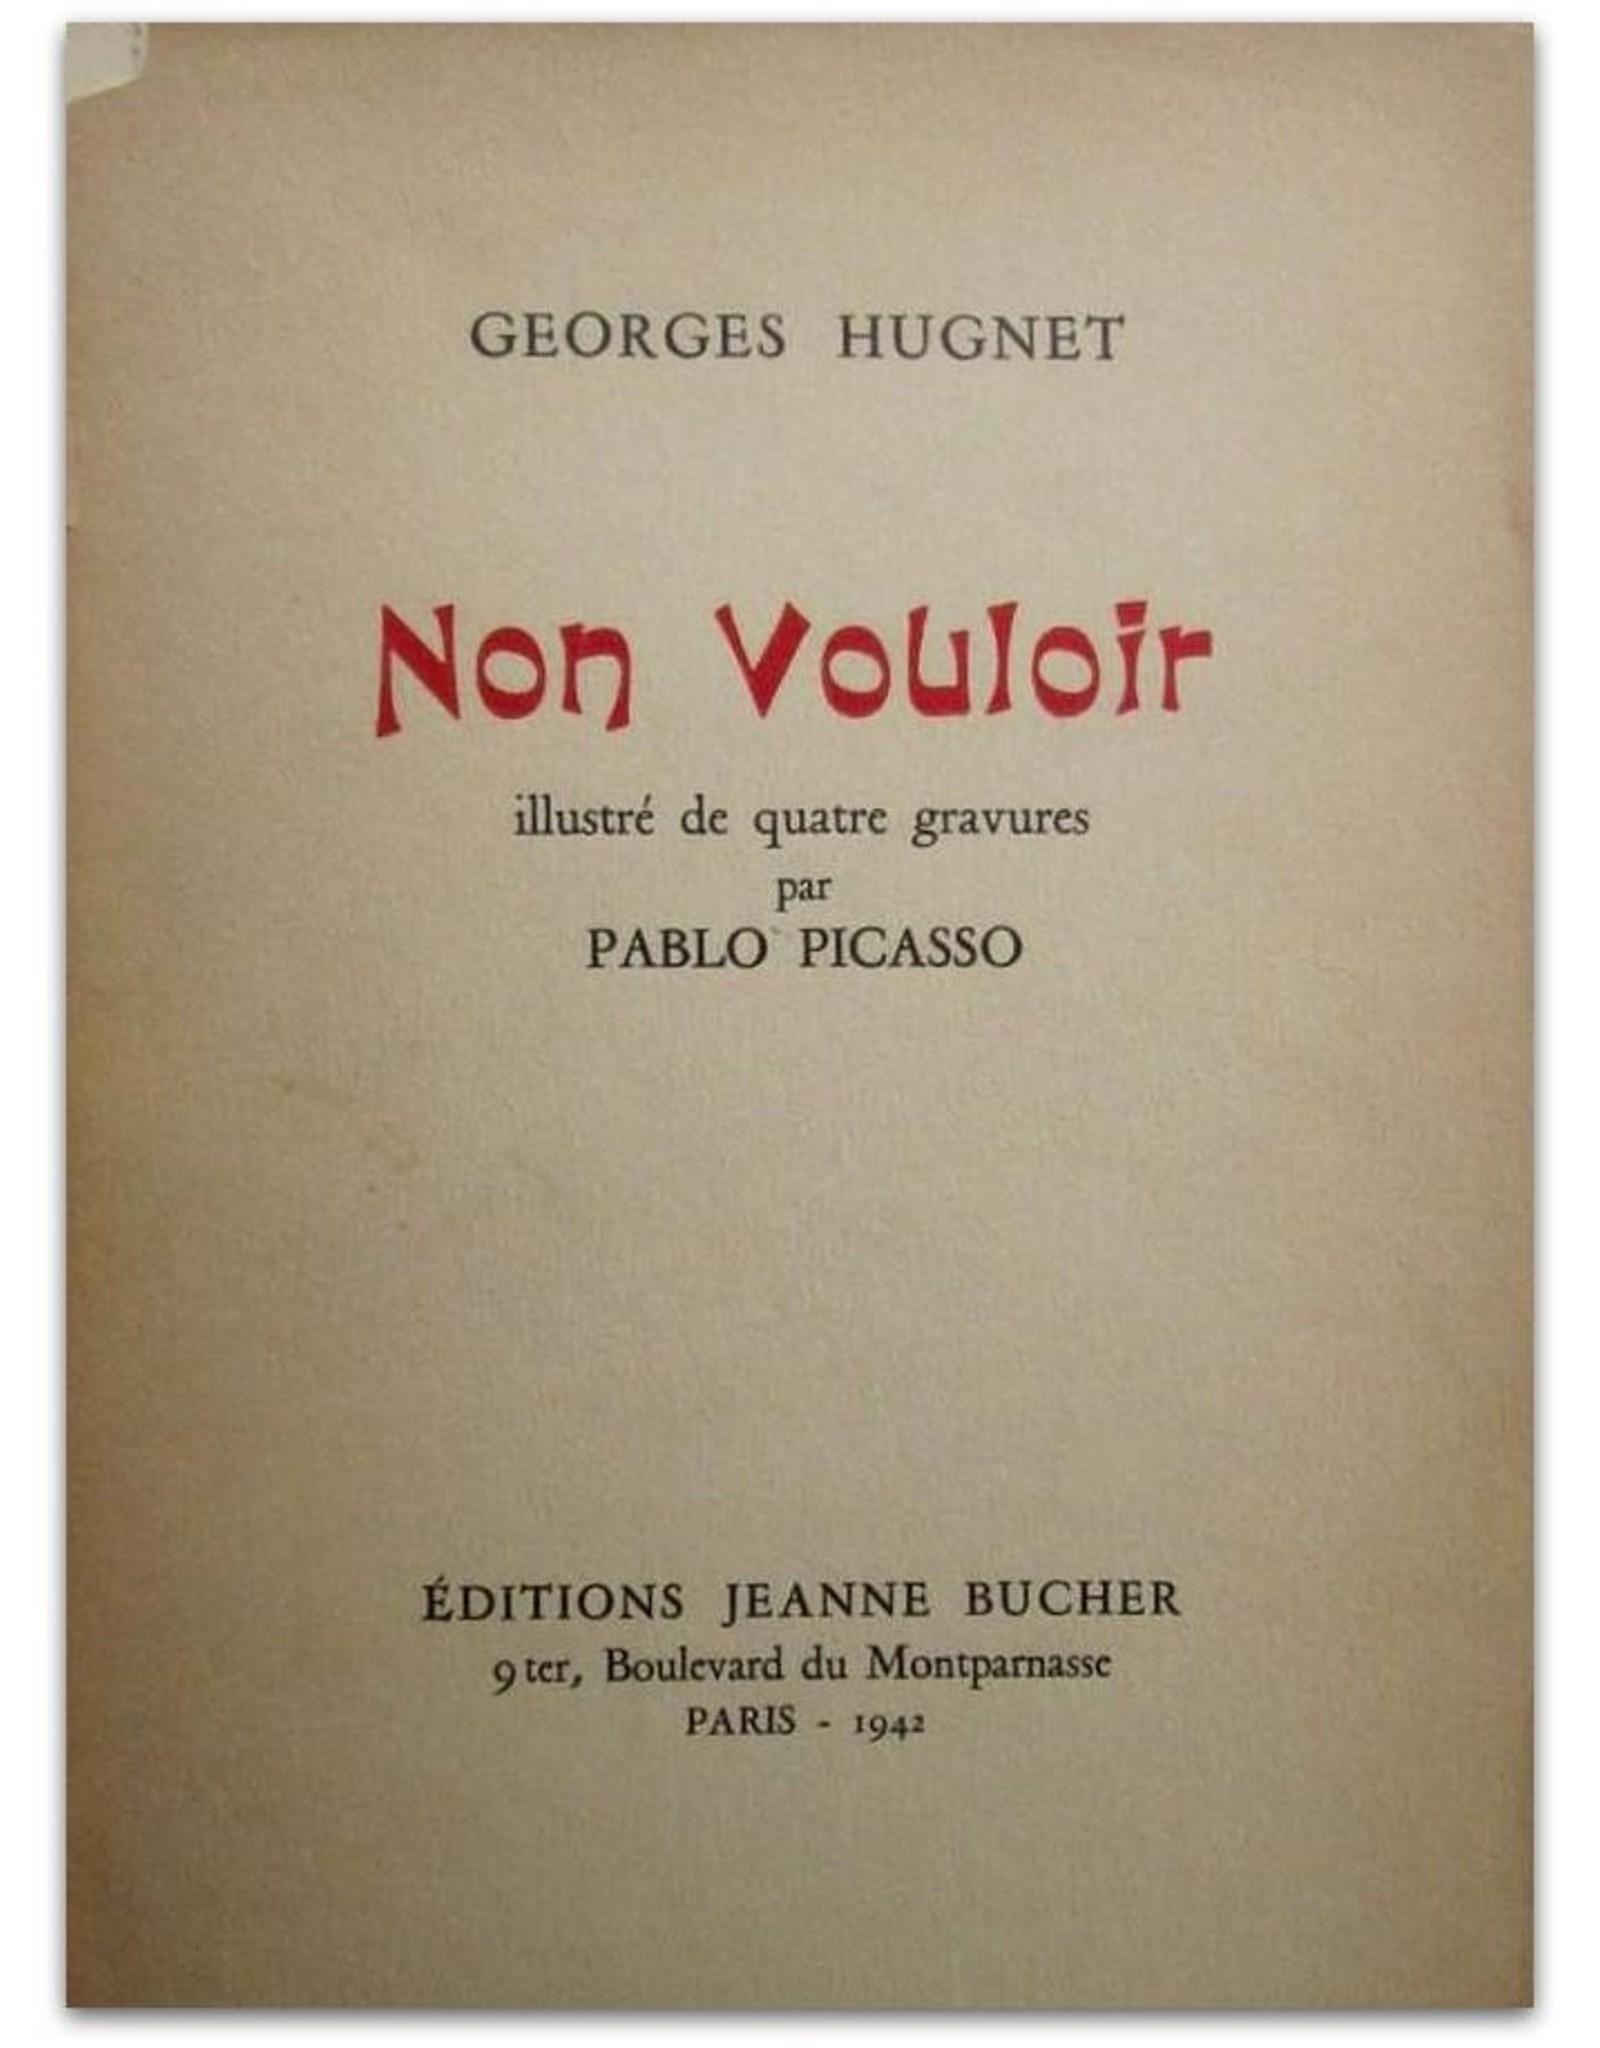 Georges Hugnet - Non Vouloir: illustré de quatre gravures par Pablo Picasso